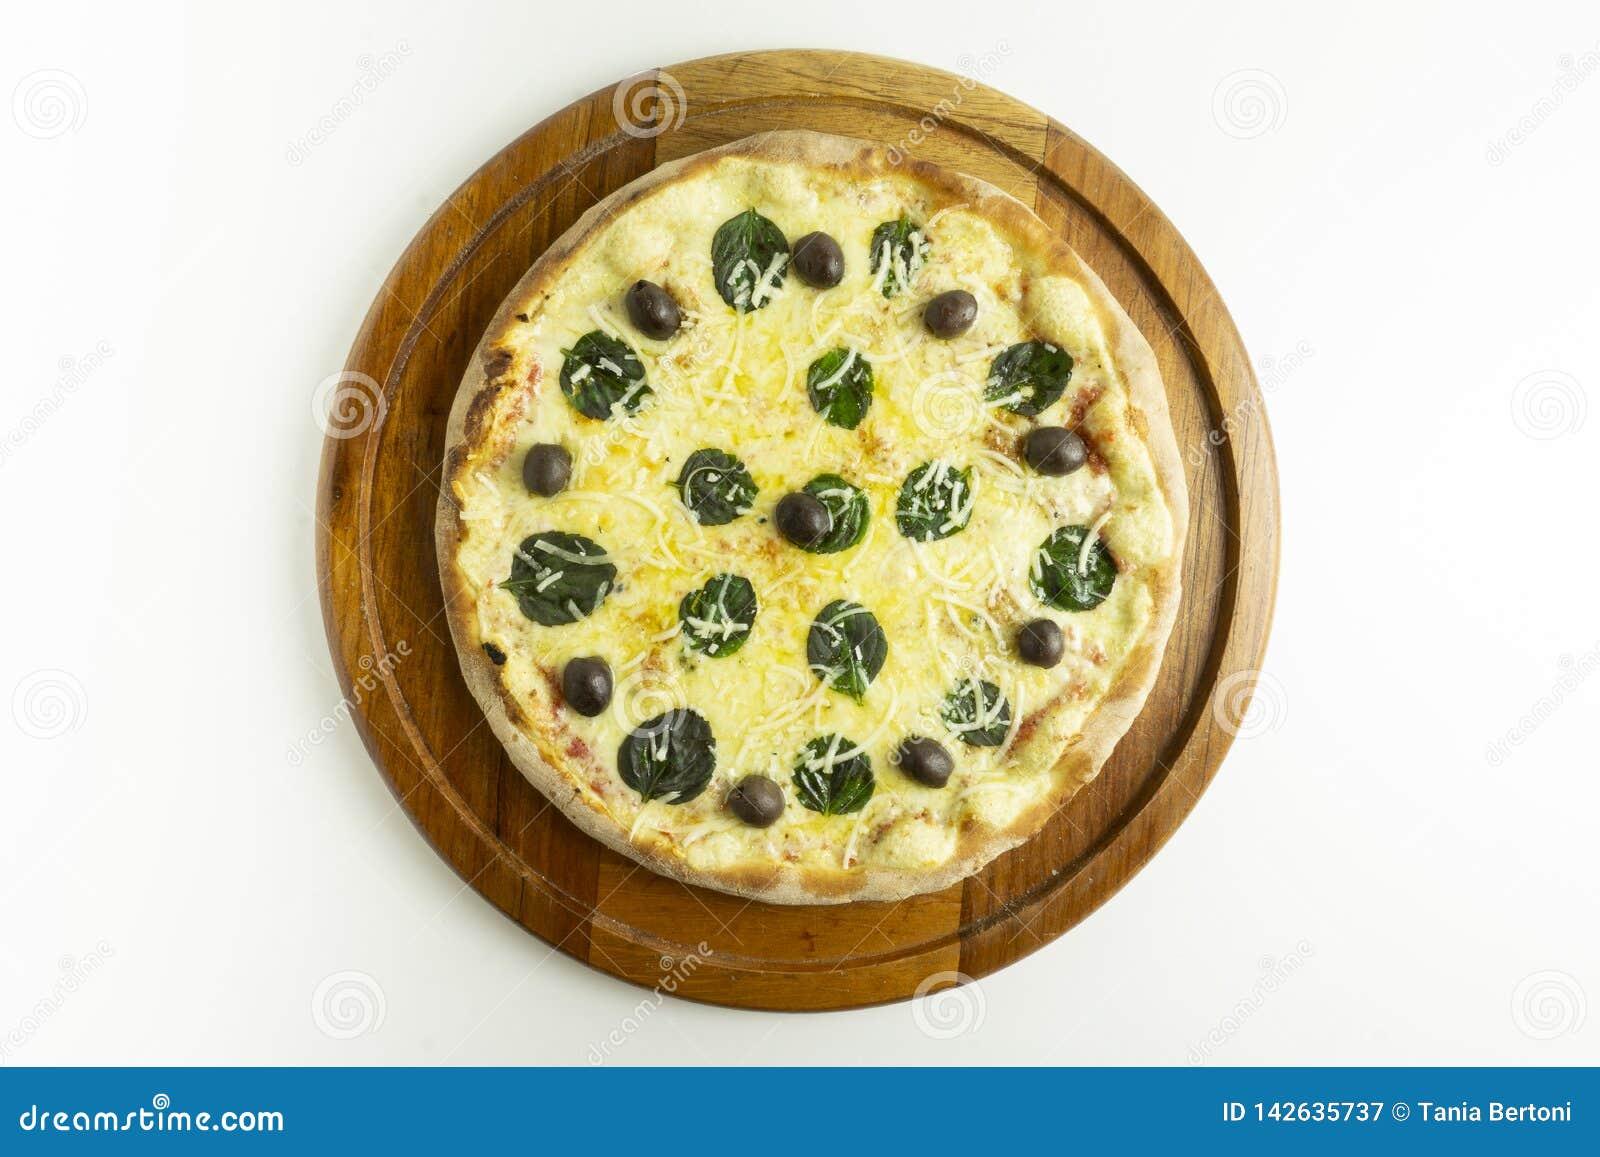 Pizza grande com mussarela, manjericão e azeitonas verdes no fundo branco